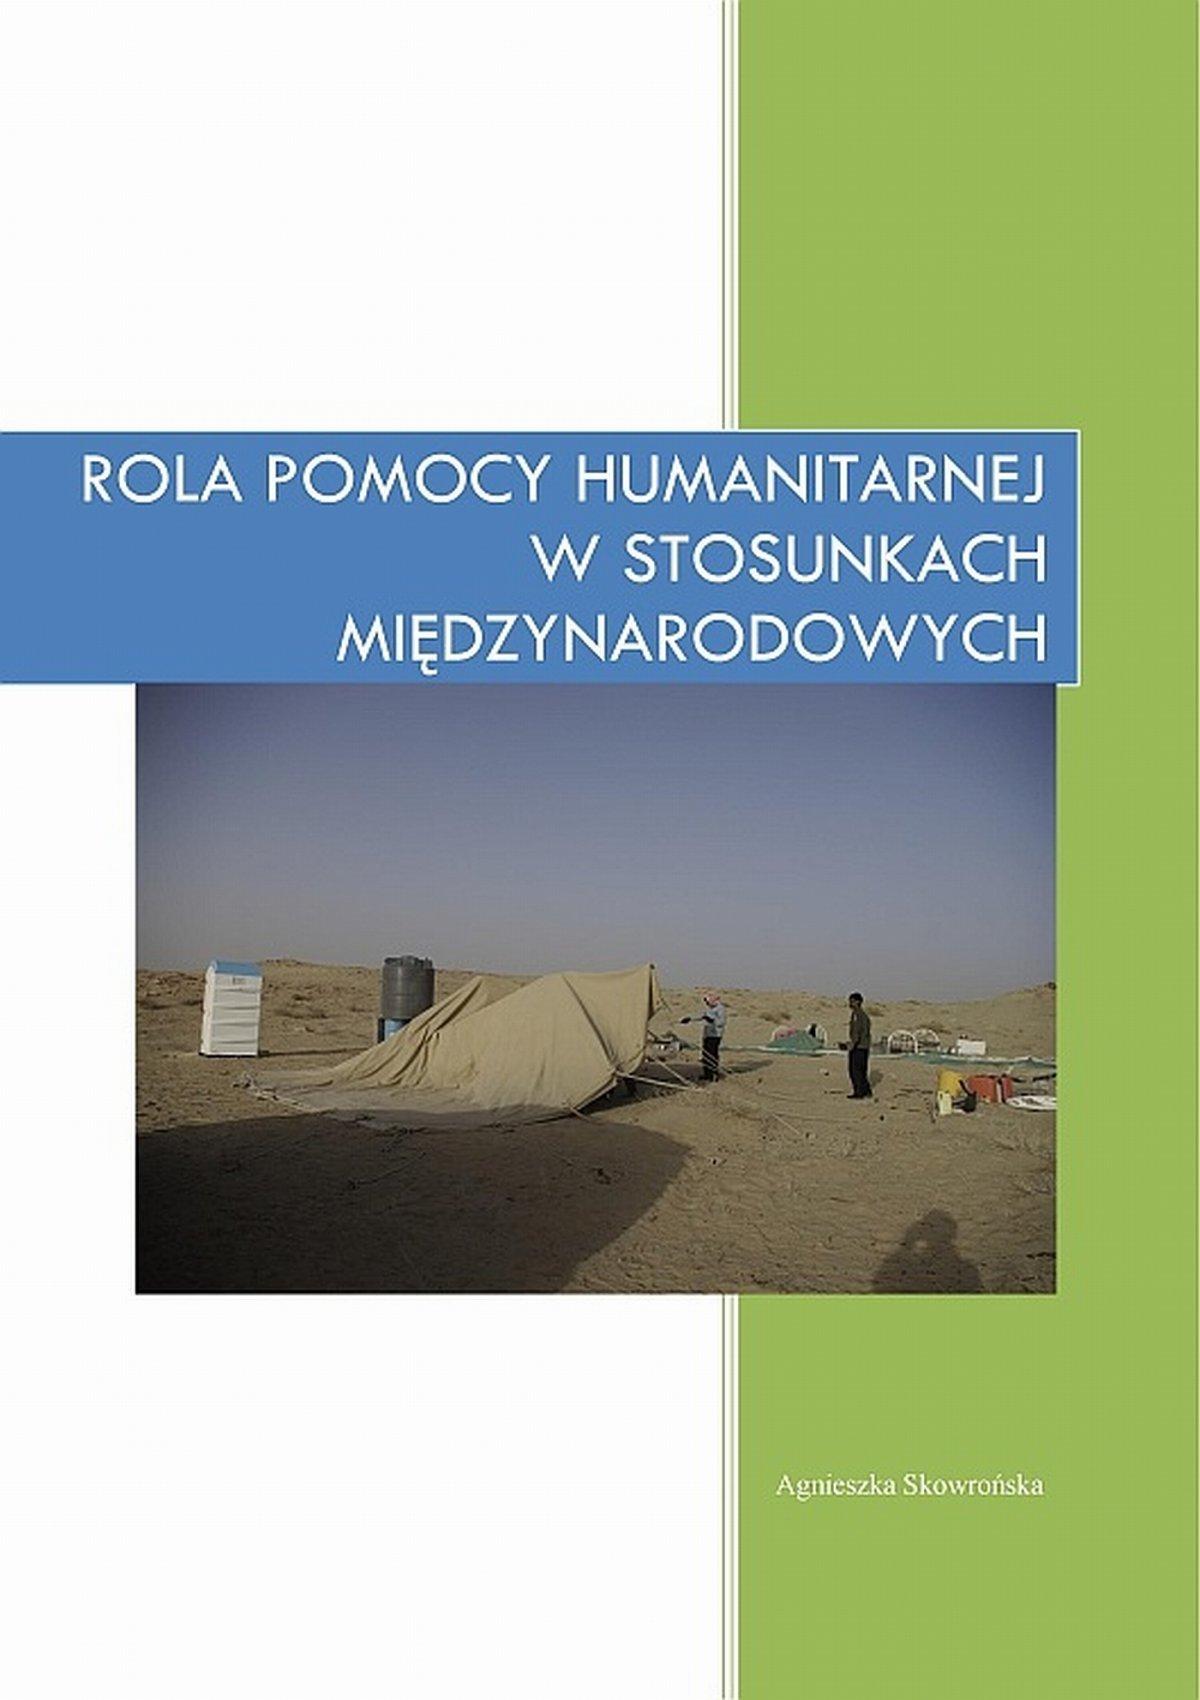 Rola pomocy humanitarnej w stosunkach międzynarodowych - Ebook (Książka na Kindle) do pobrania w formacie MOBI